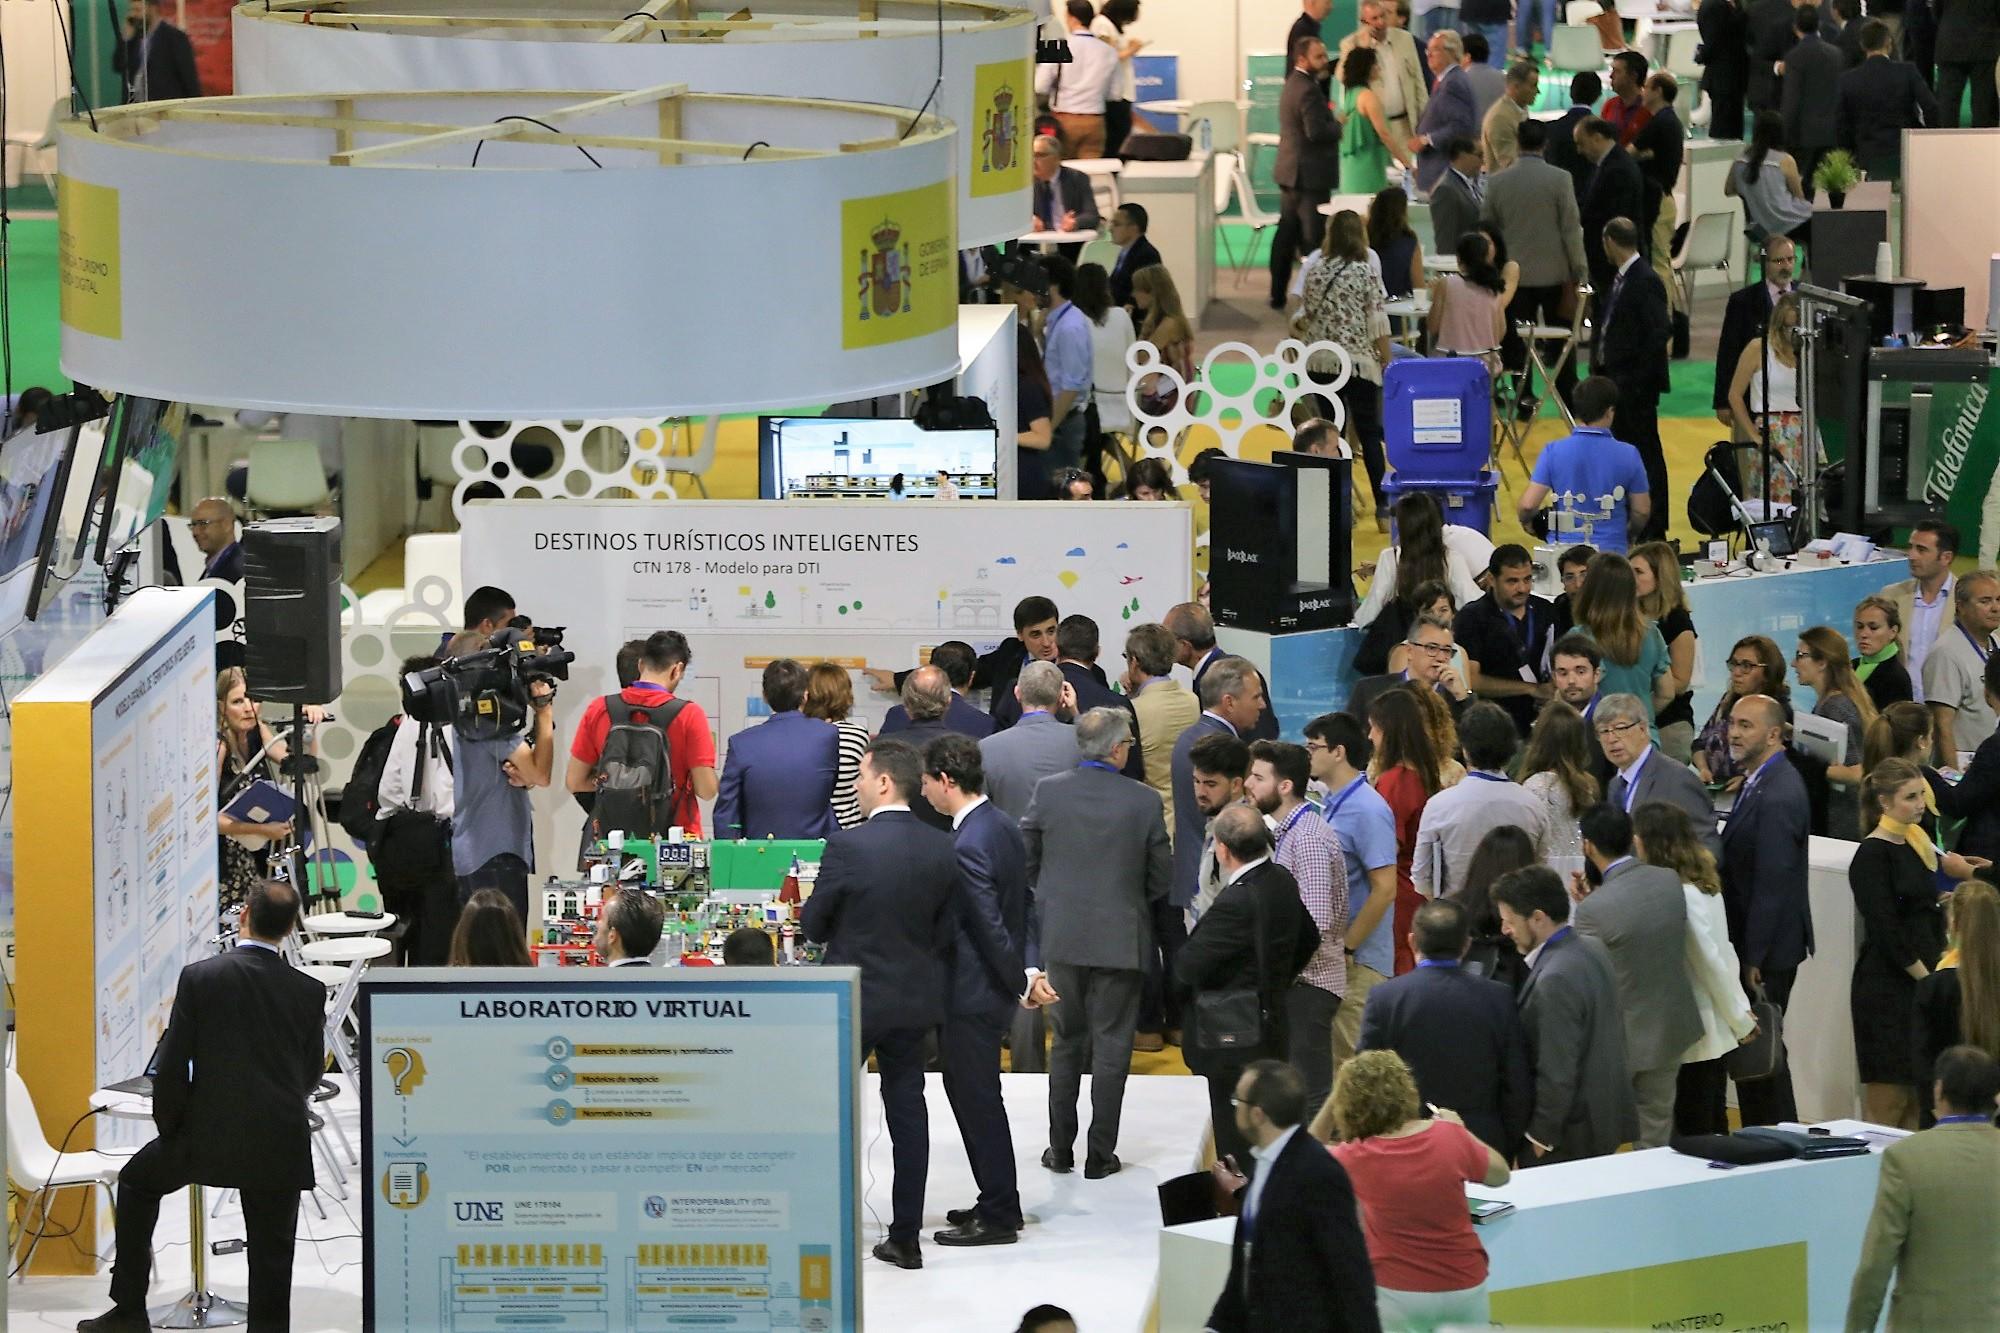 Greencities, foro de inteligencia y sostenibilidad urbana, celebrará su novena edición durante los días 25 y 26 de abril de 2018